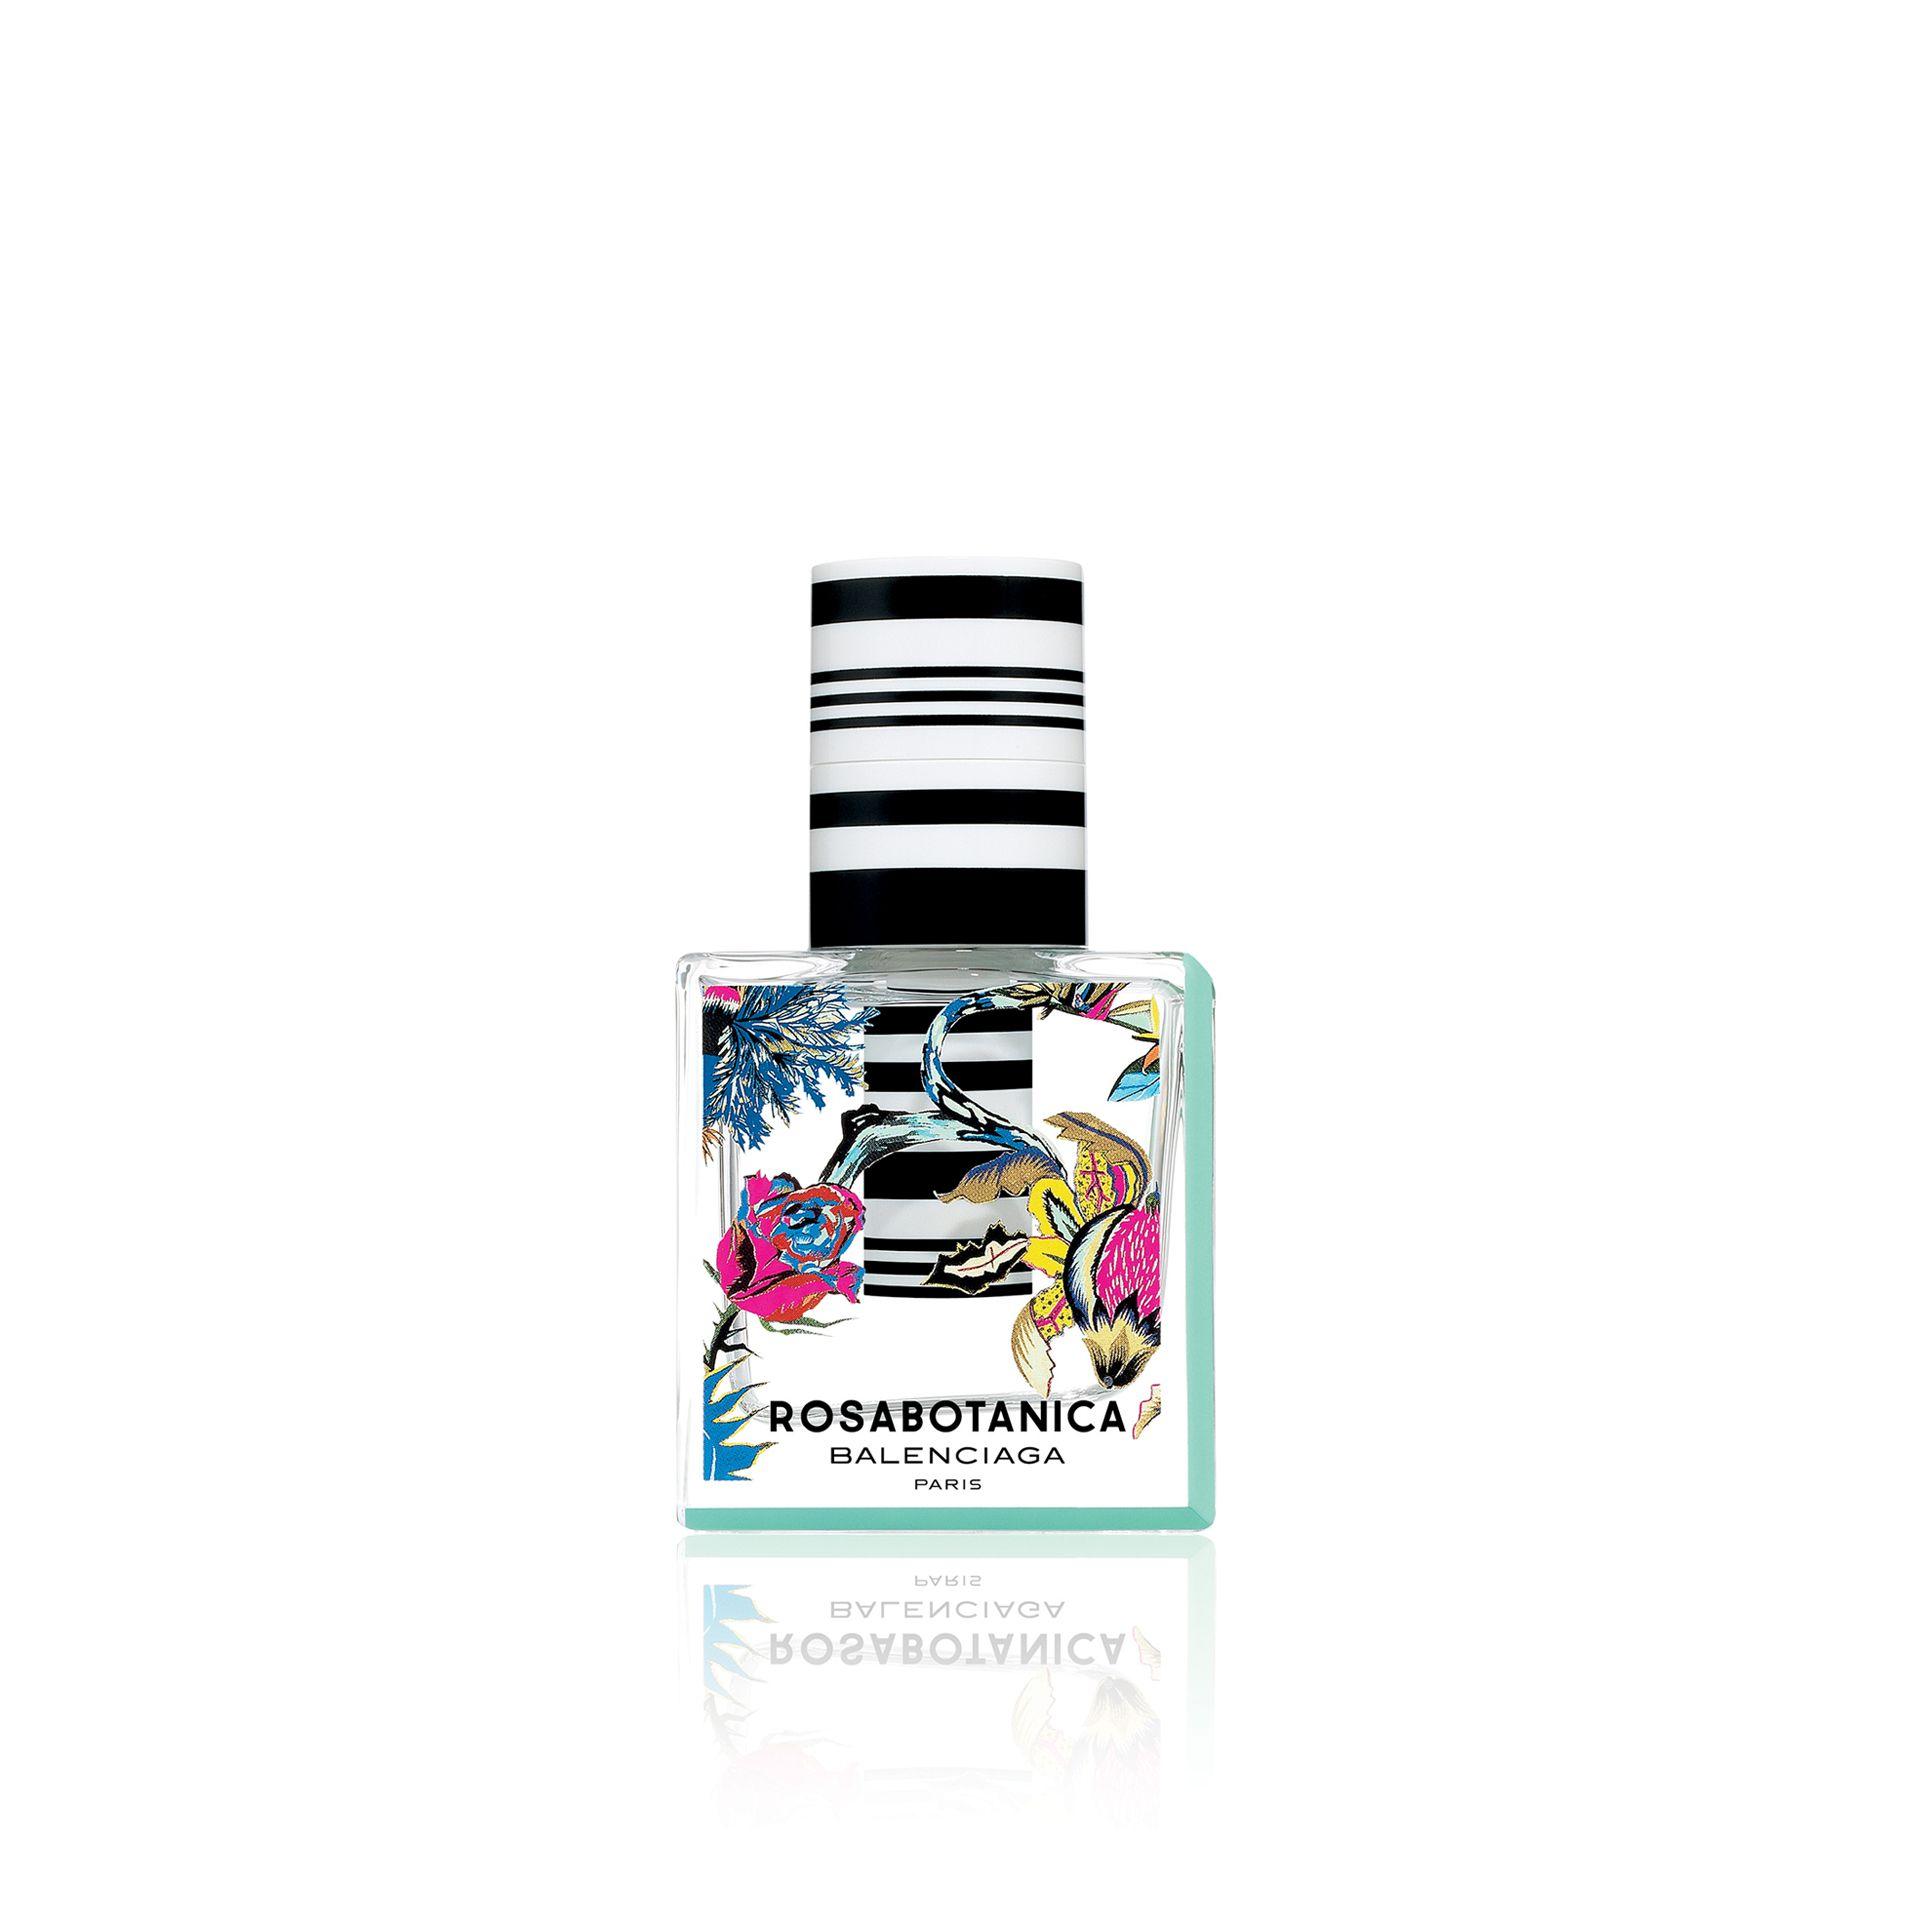 BALENCIAGA Balenciaga Rosabotanica 50 ML Fragrance D f